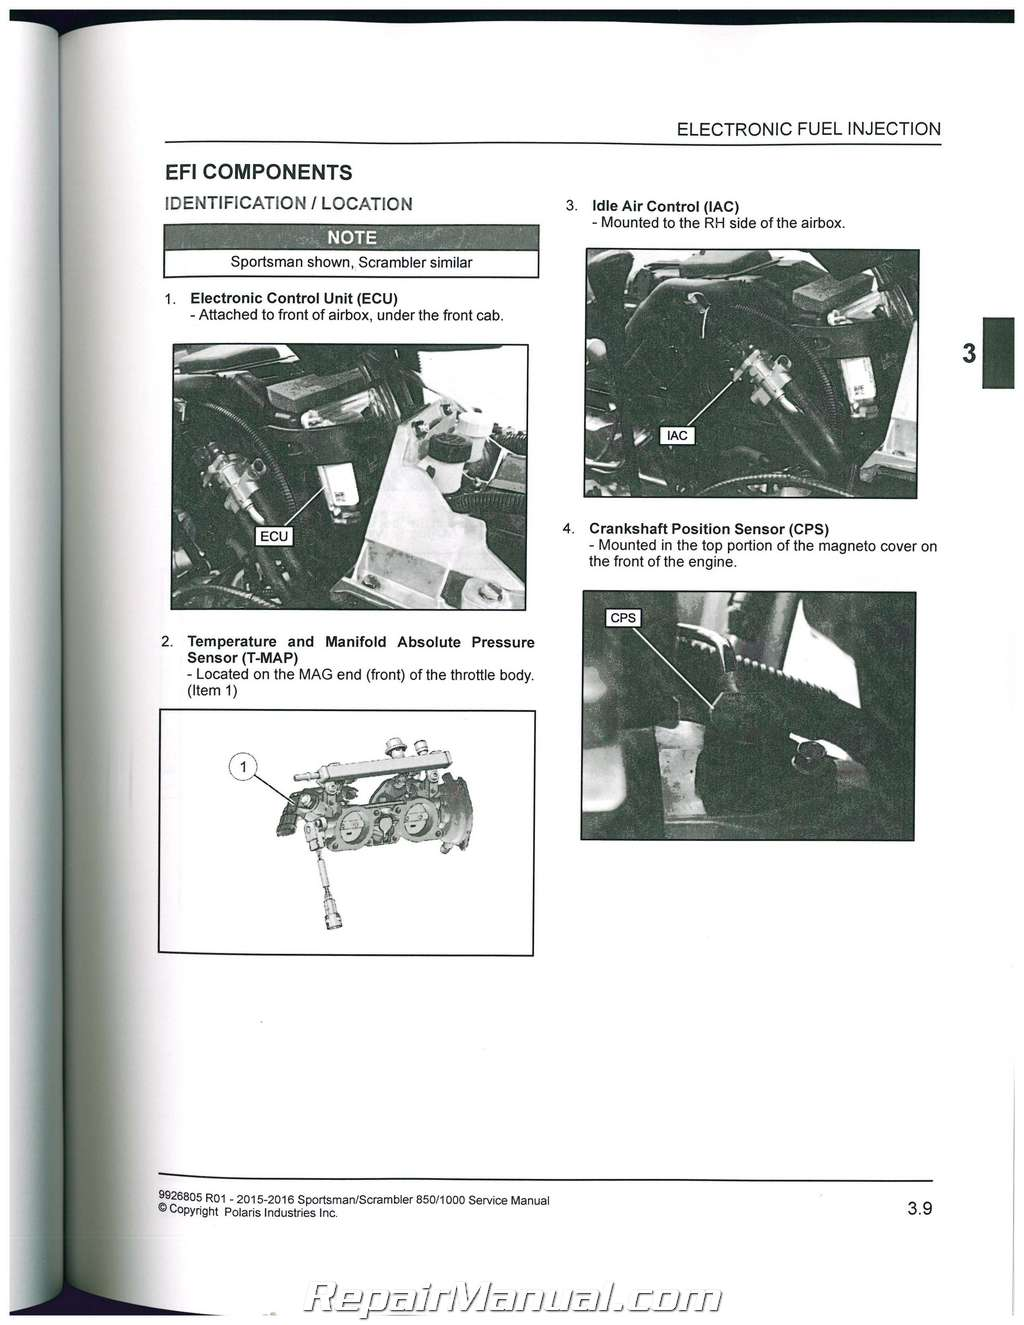 2002 polaris sportsman 500 ho service manual pdf